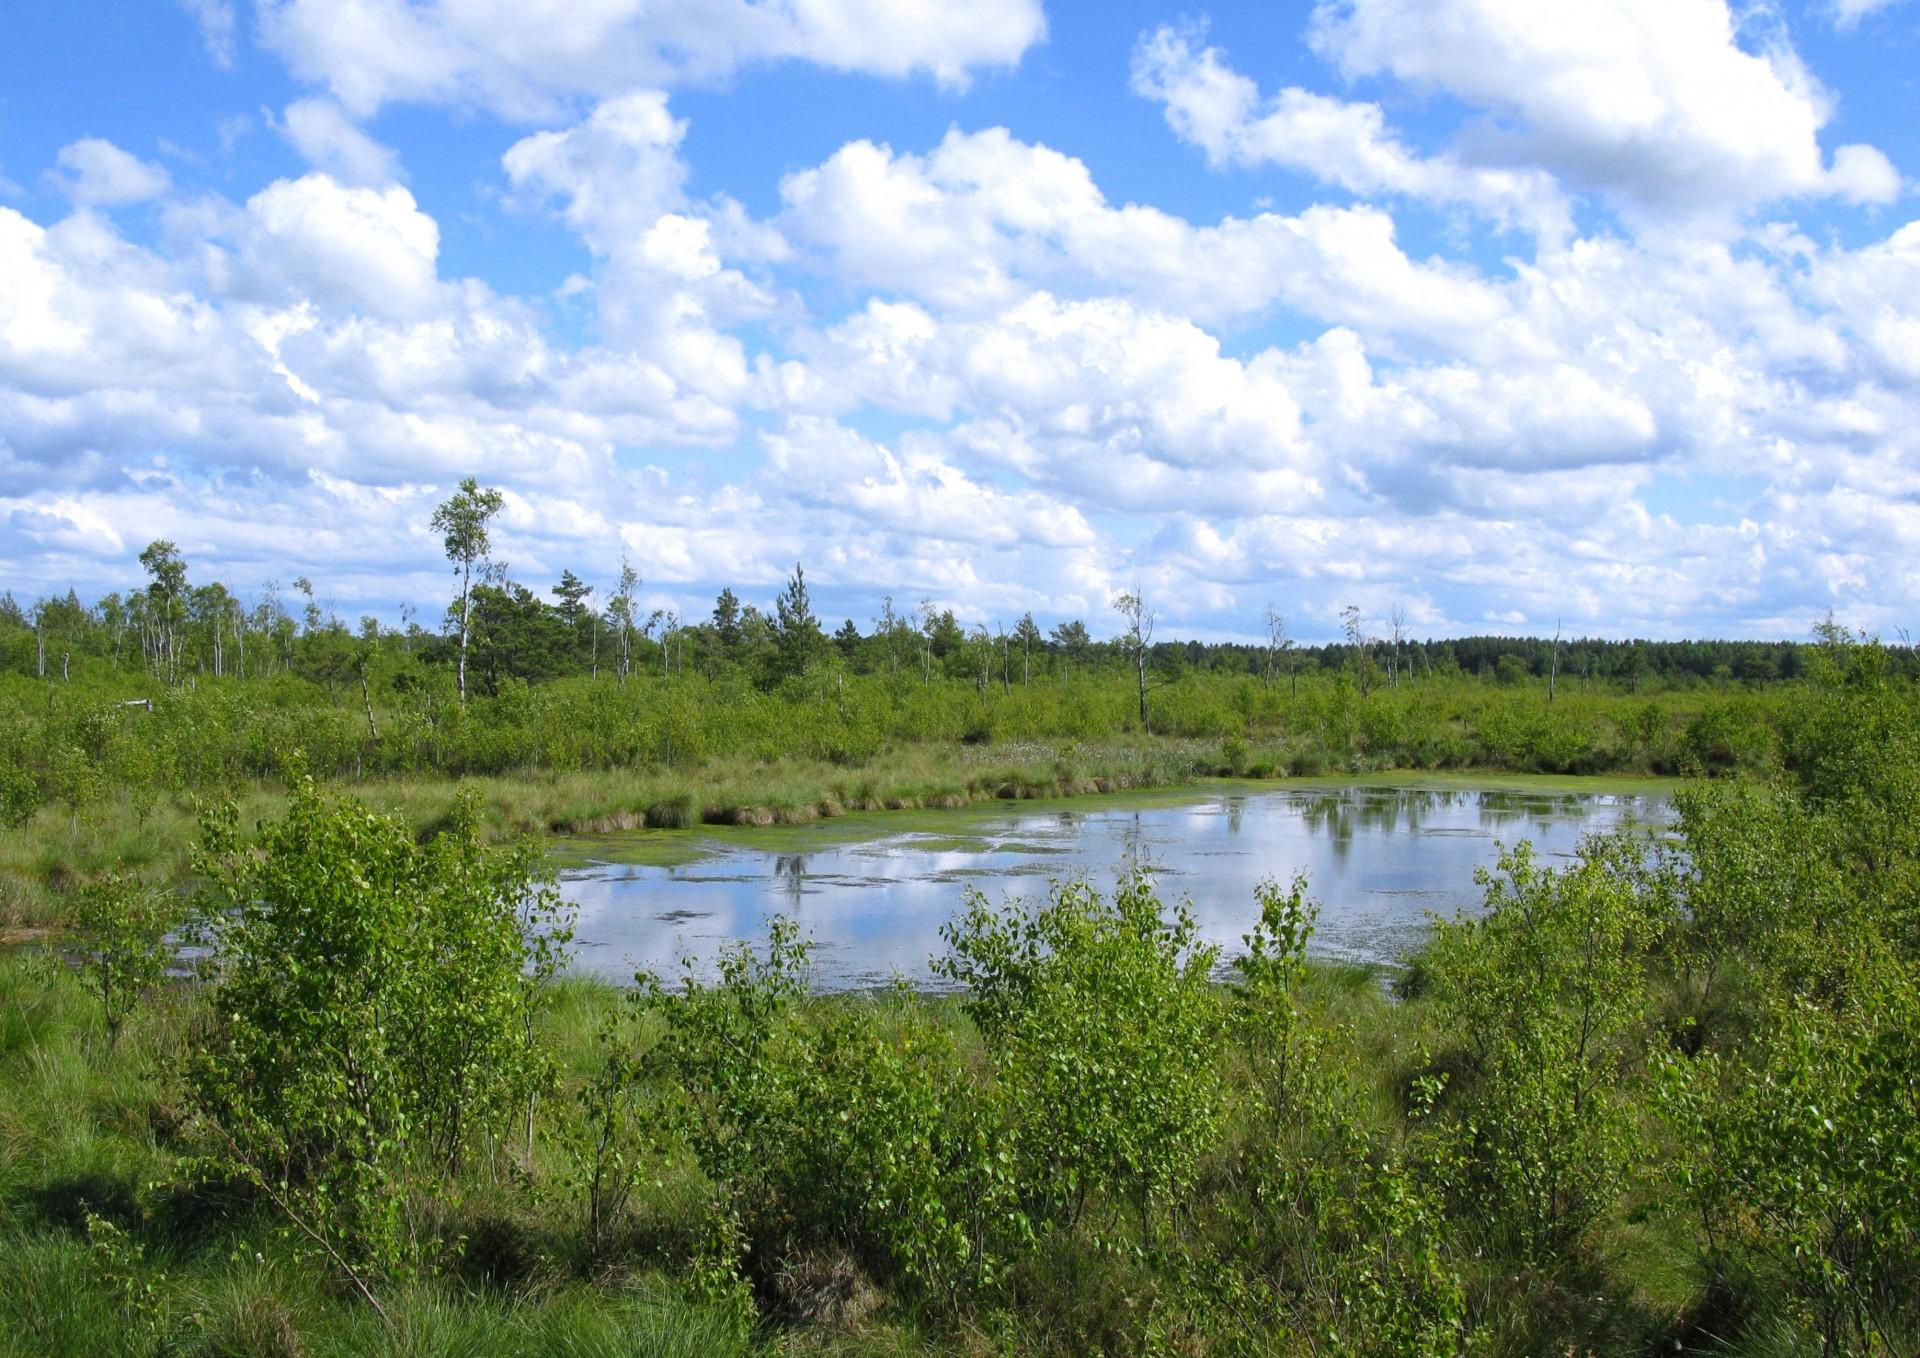 Fot.: Rezerwat przyrody Bielawa, źródło: Wikipedia, autor: Maciej Szczepańczyk